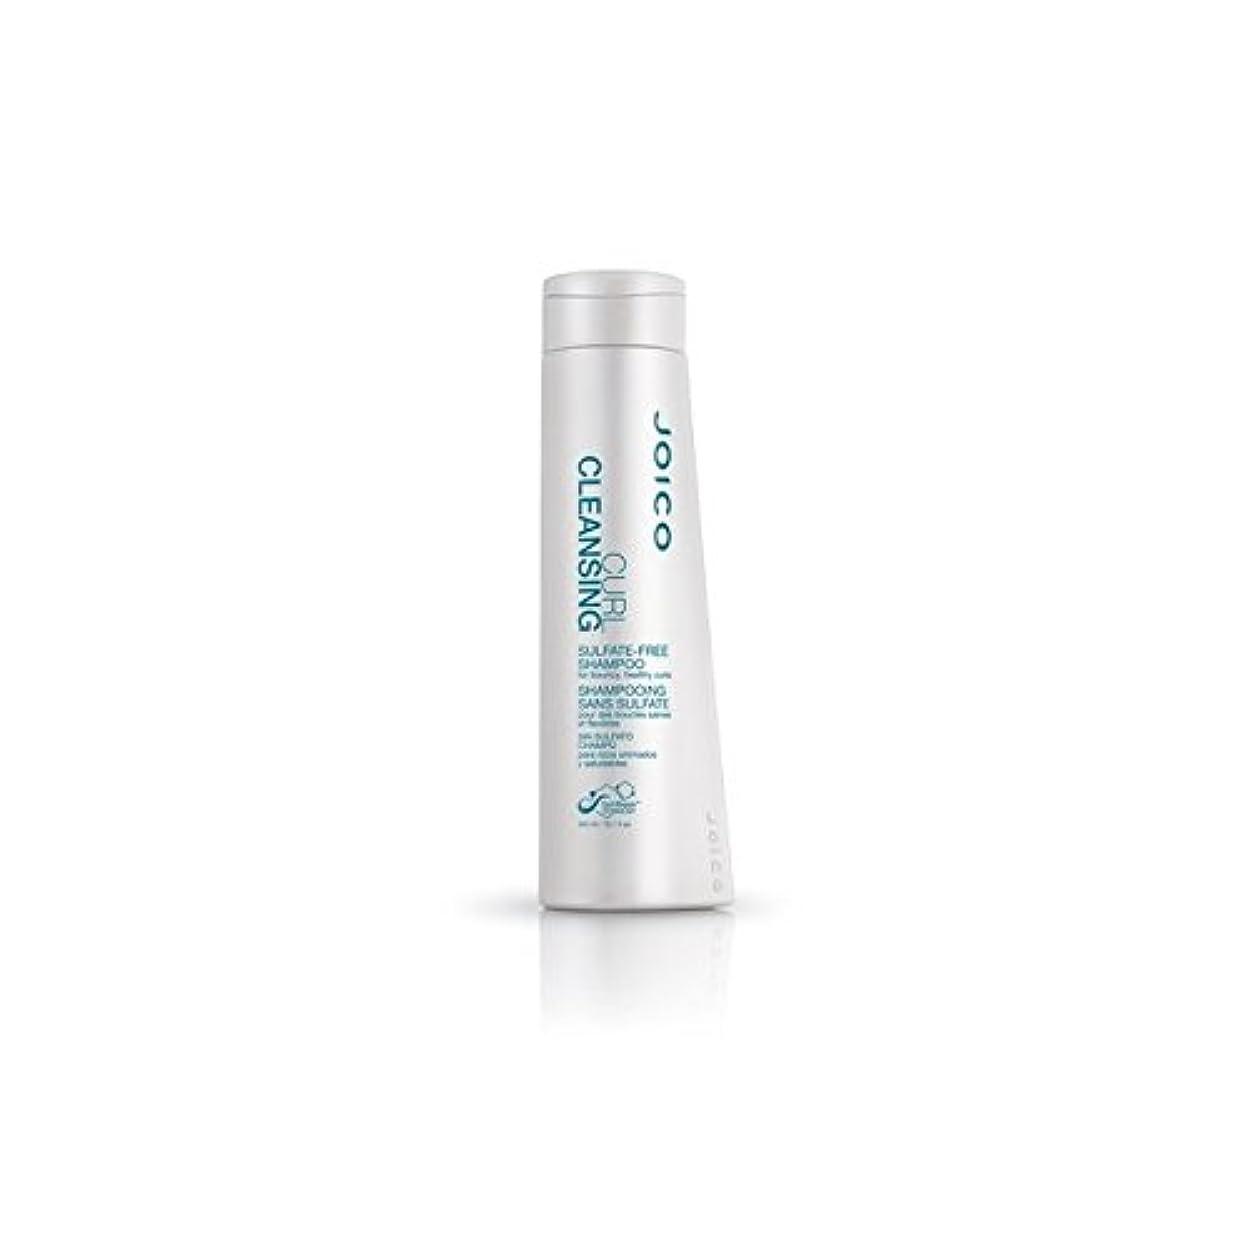 ファックス反対に煙快活、健康カール用ジョイコカールクレンジング硫酸フリーシャンプー(300ミリリットル) x4 - Joico Curl Cleansing Sulfate-Free Shampoo For Bouncy, Healthy Curls (300ml) (Pack of 4) [並行輸入品]